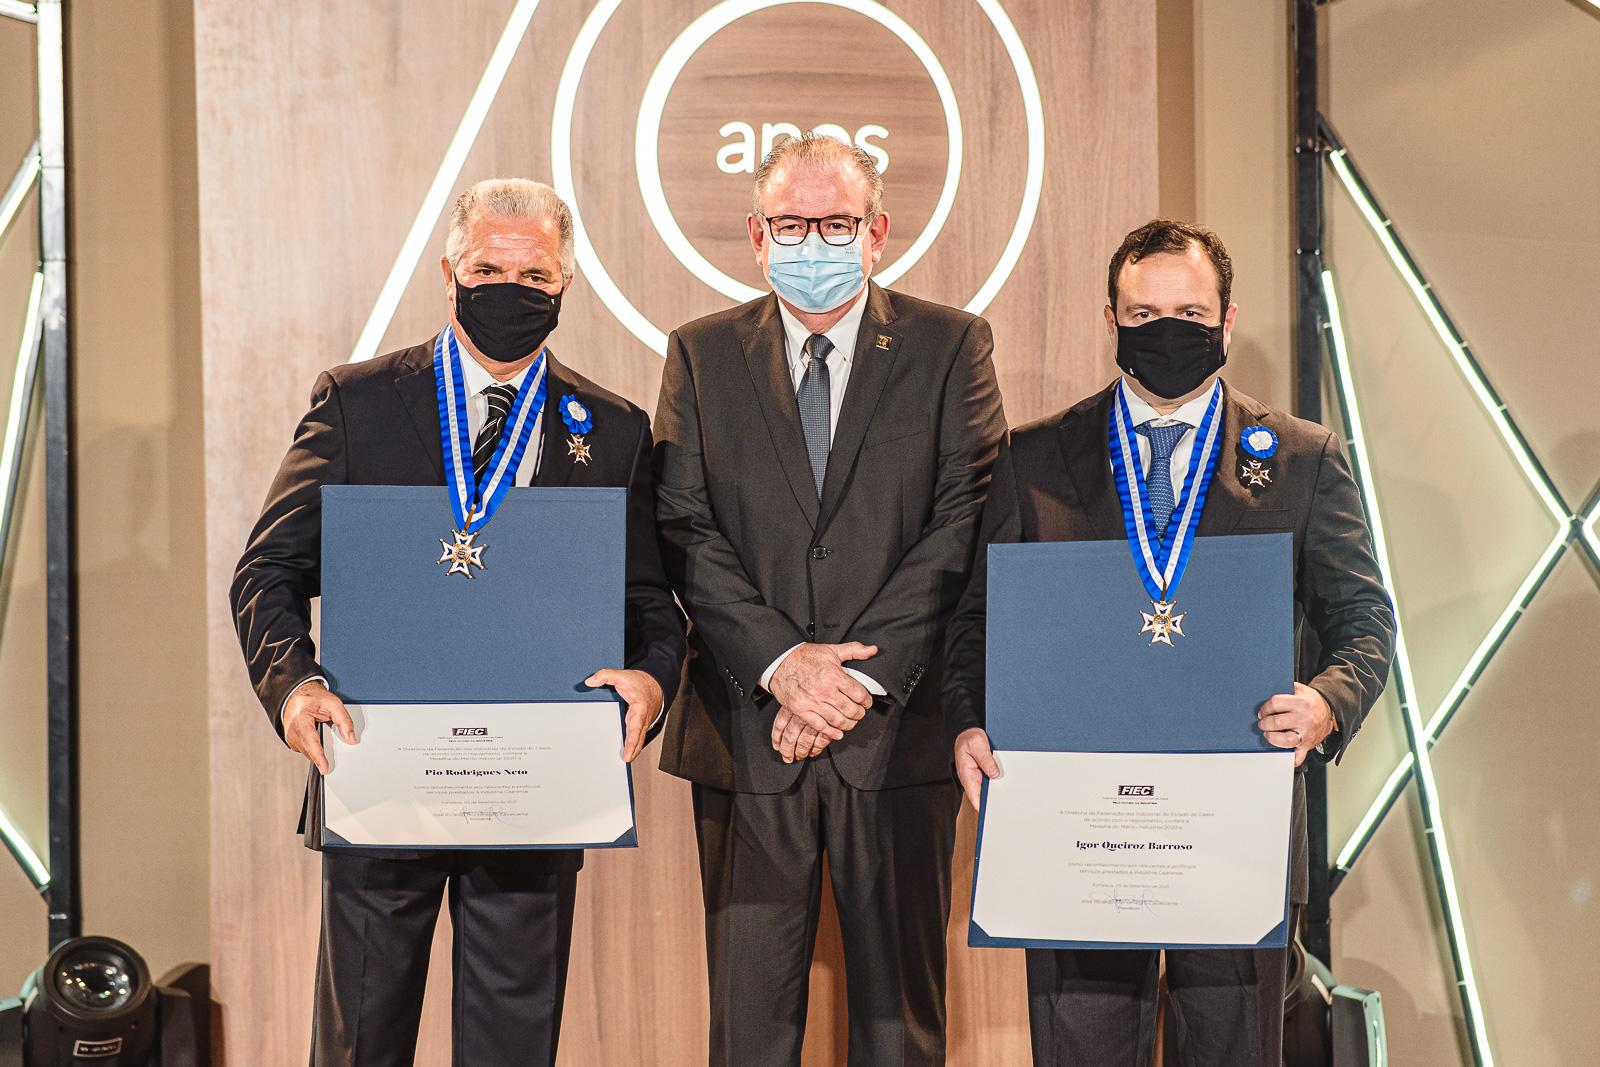 Ricardo Cavalcante entrega a Medalha do Mérito Industrial a Igor Queiroz Barroso e Pio Rodrigues Neto